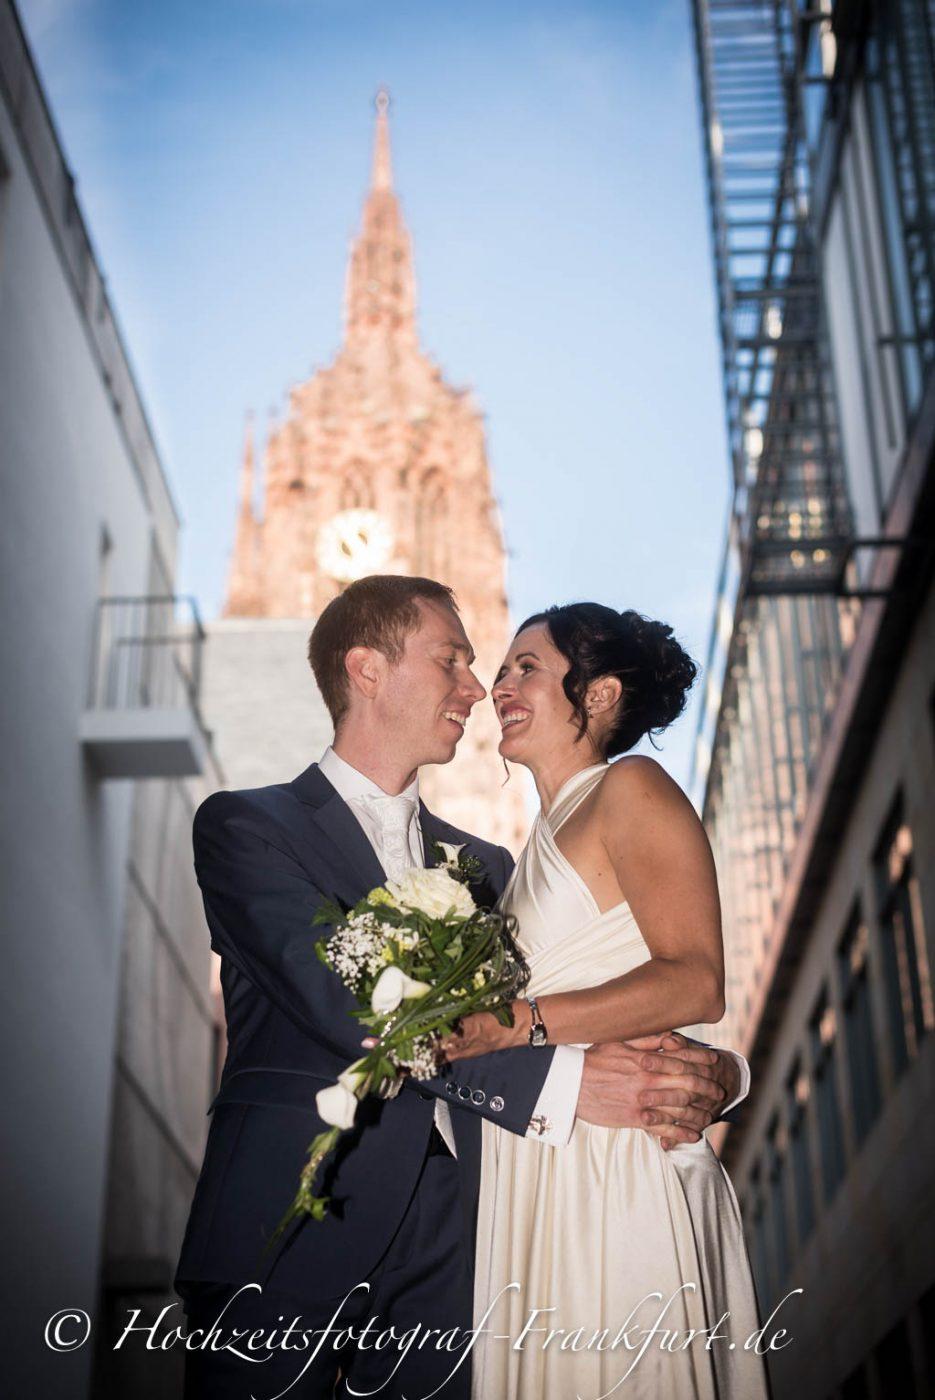 Standesamt Frankfurt am Main: Foto des Hochzeitspaares mit dem Frankfurter Dom im Hintergrund I.